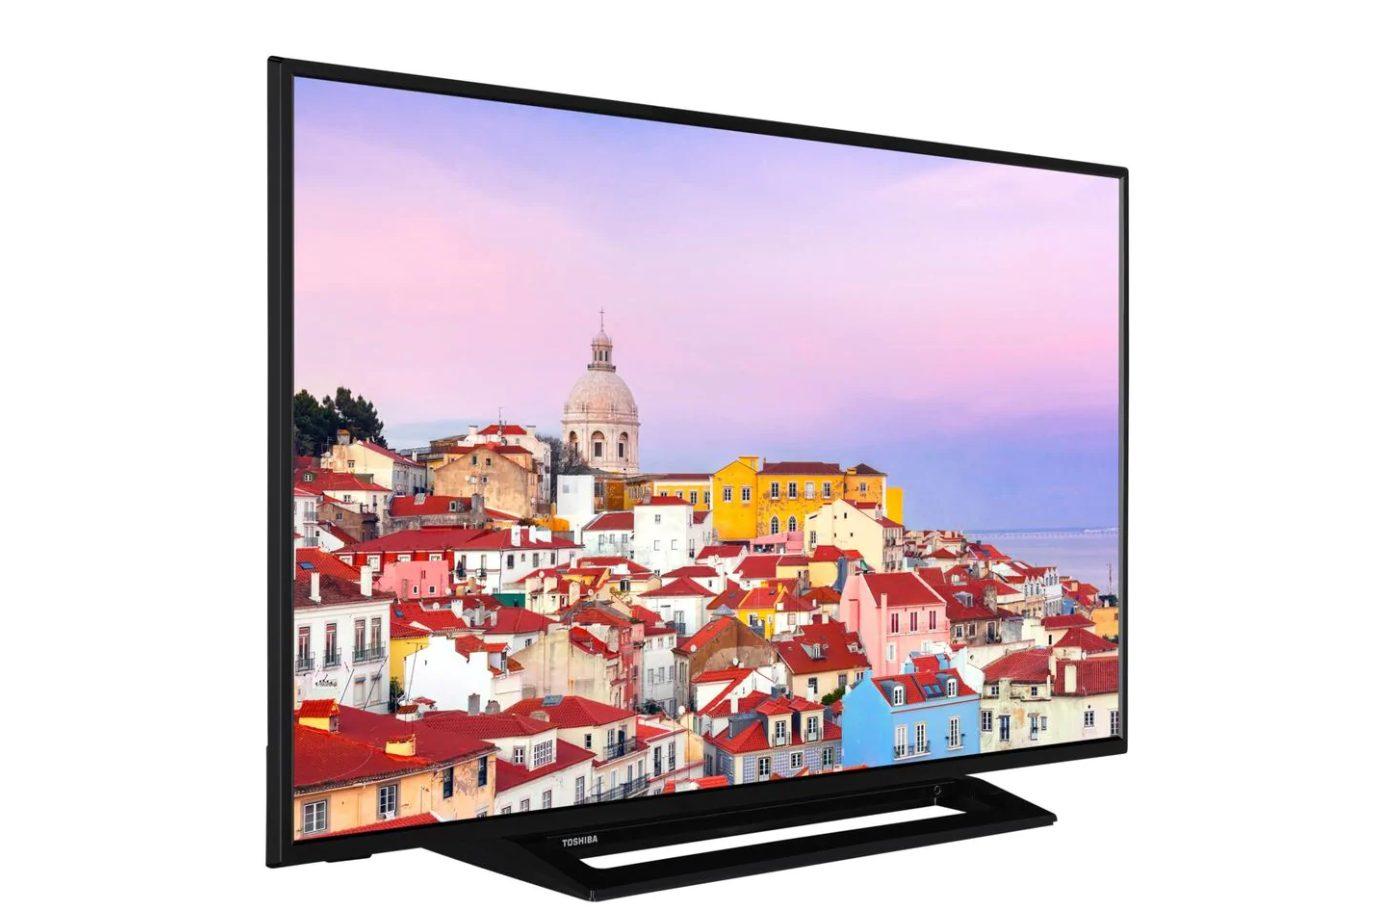 Toshiba Ultra HD Smart-TV 43″ voor €299